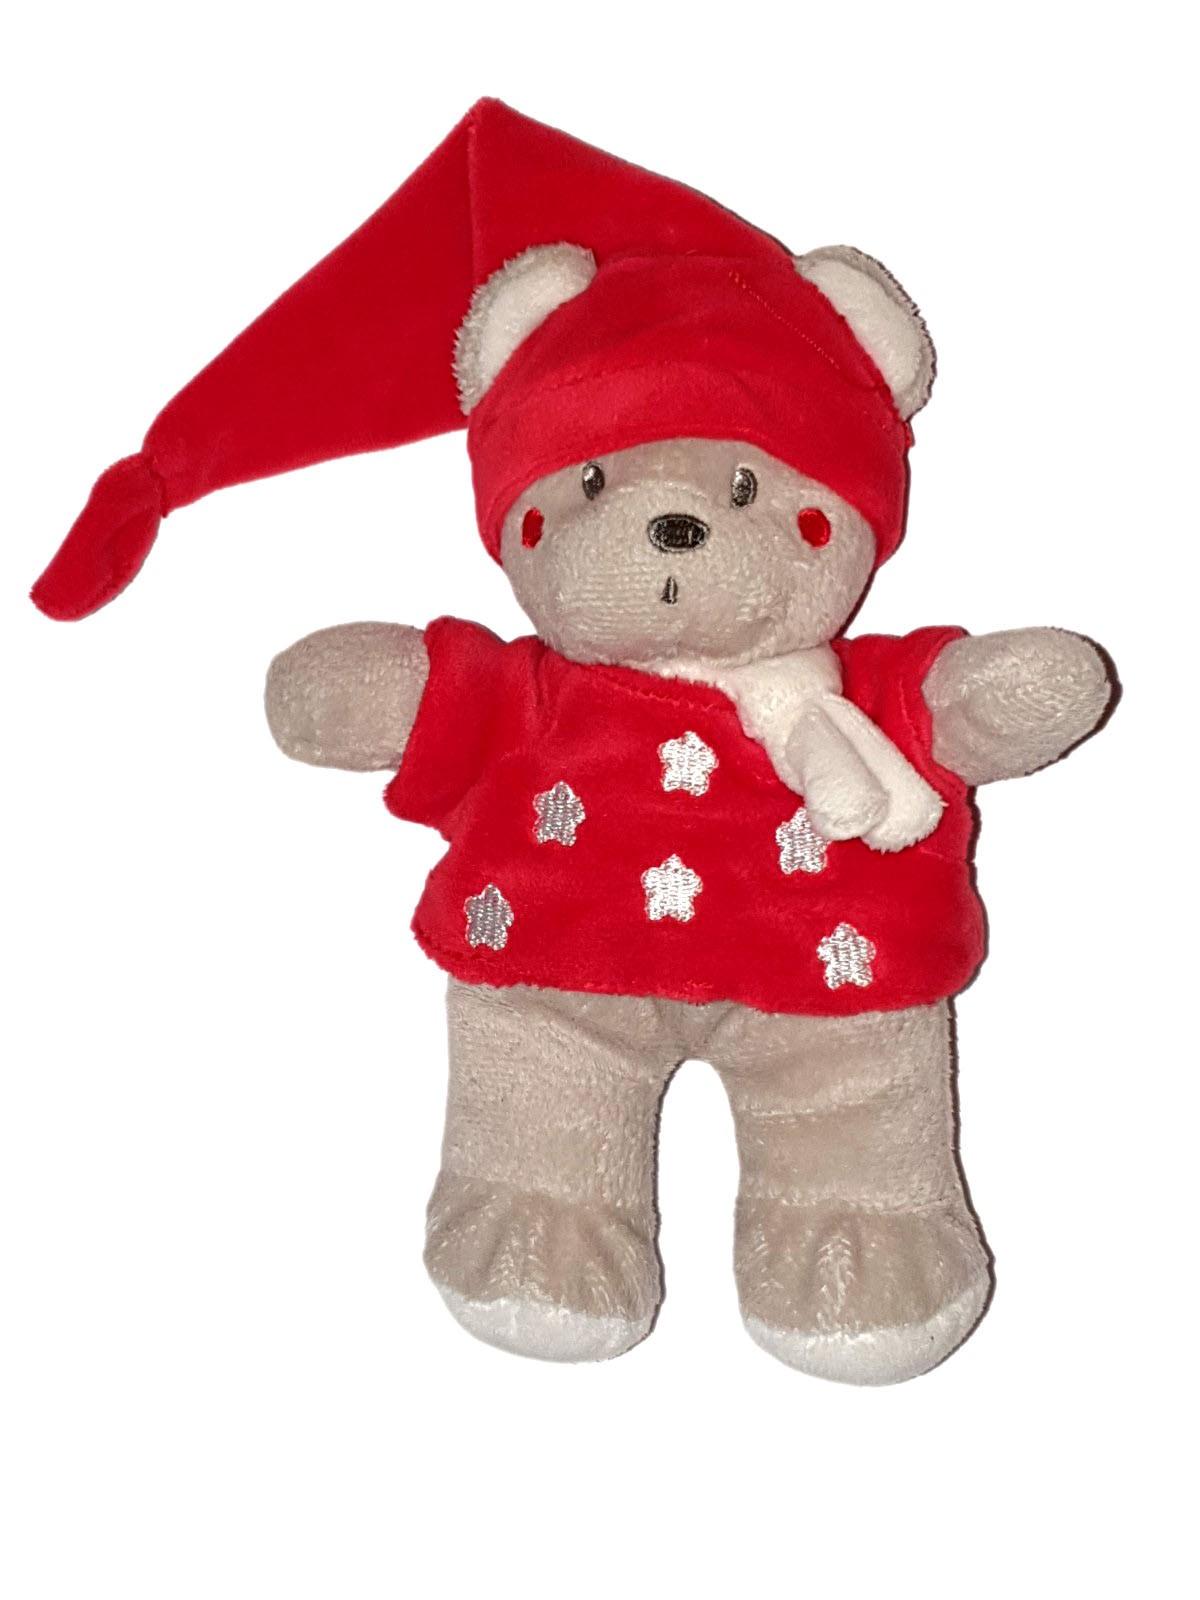 peluche marie disney noel 2010 bonnet rouge